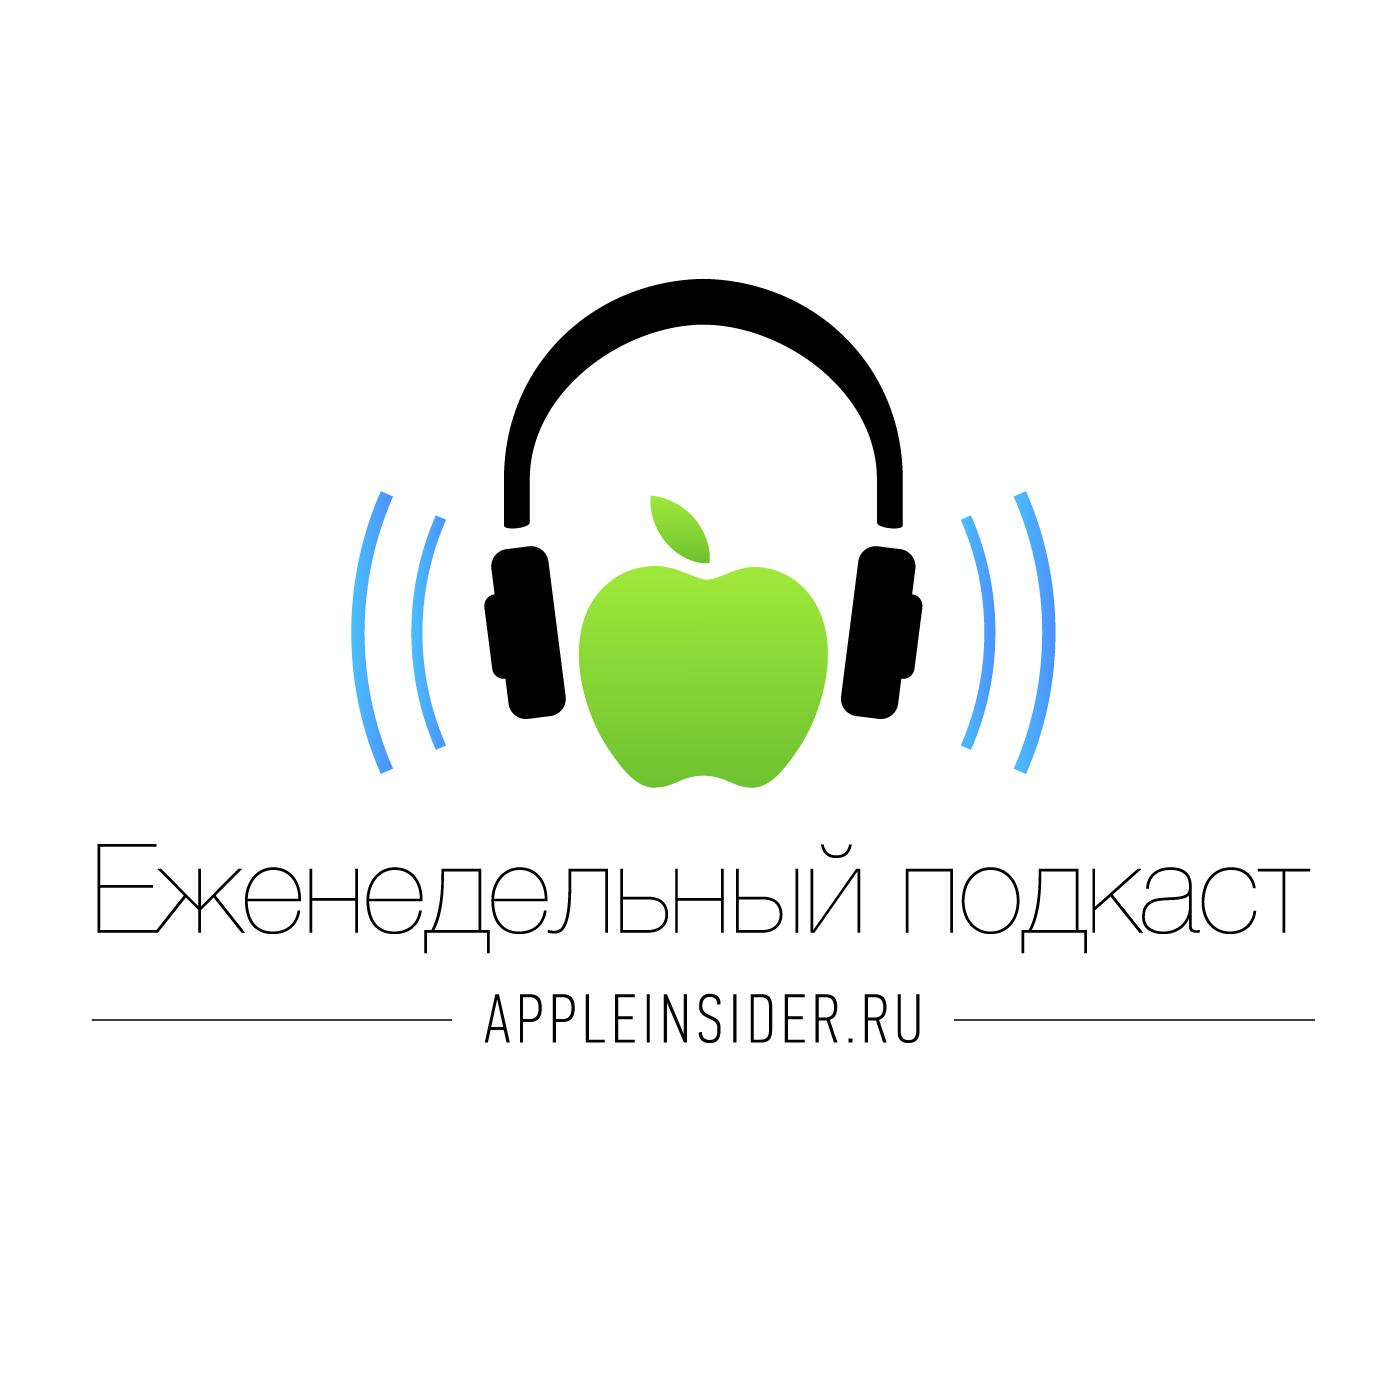 Миша Королев ФАС признала Apple виновной в координации цен на iPhone в России цена 2017